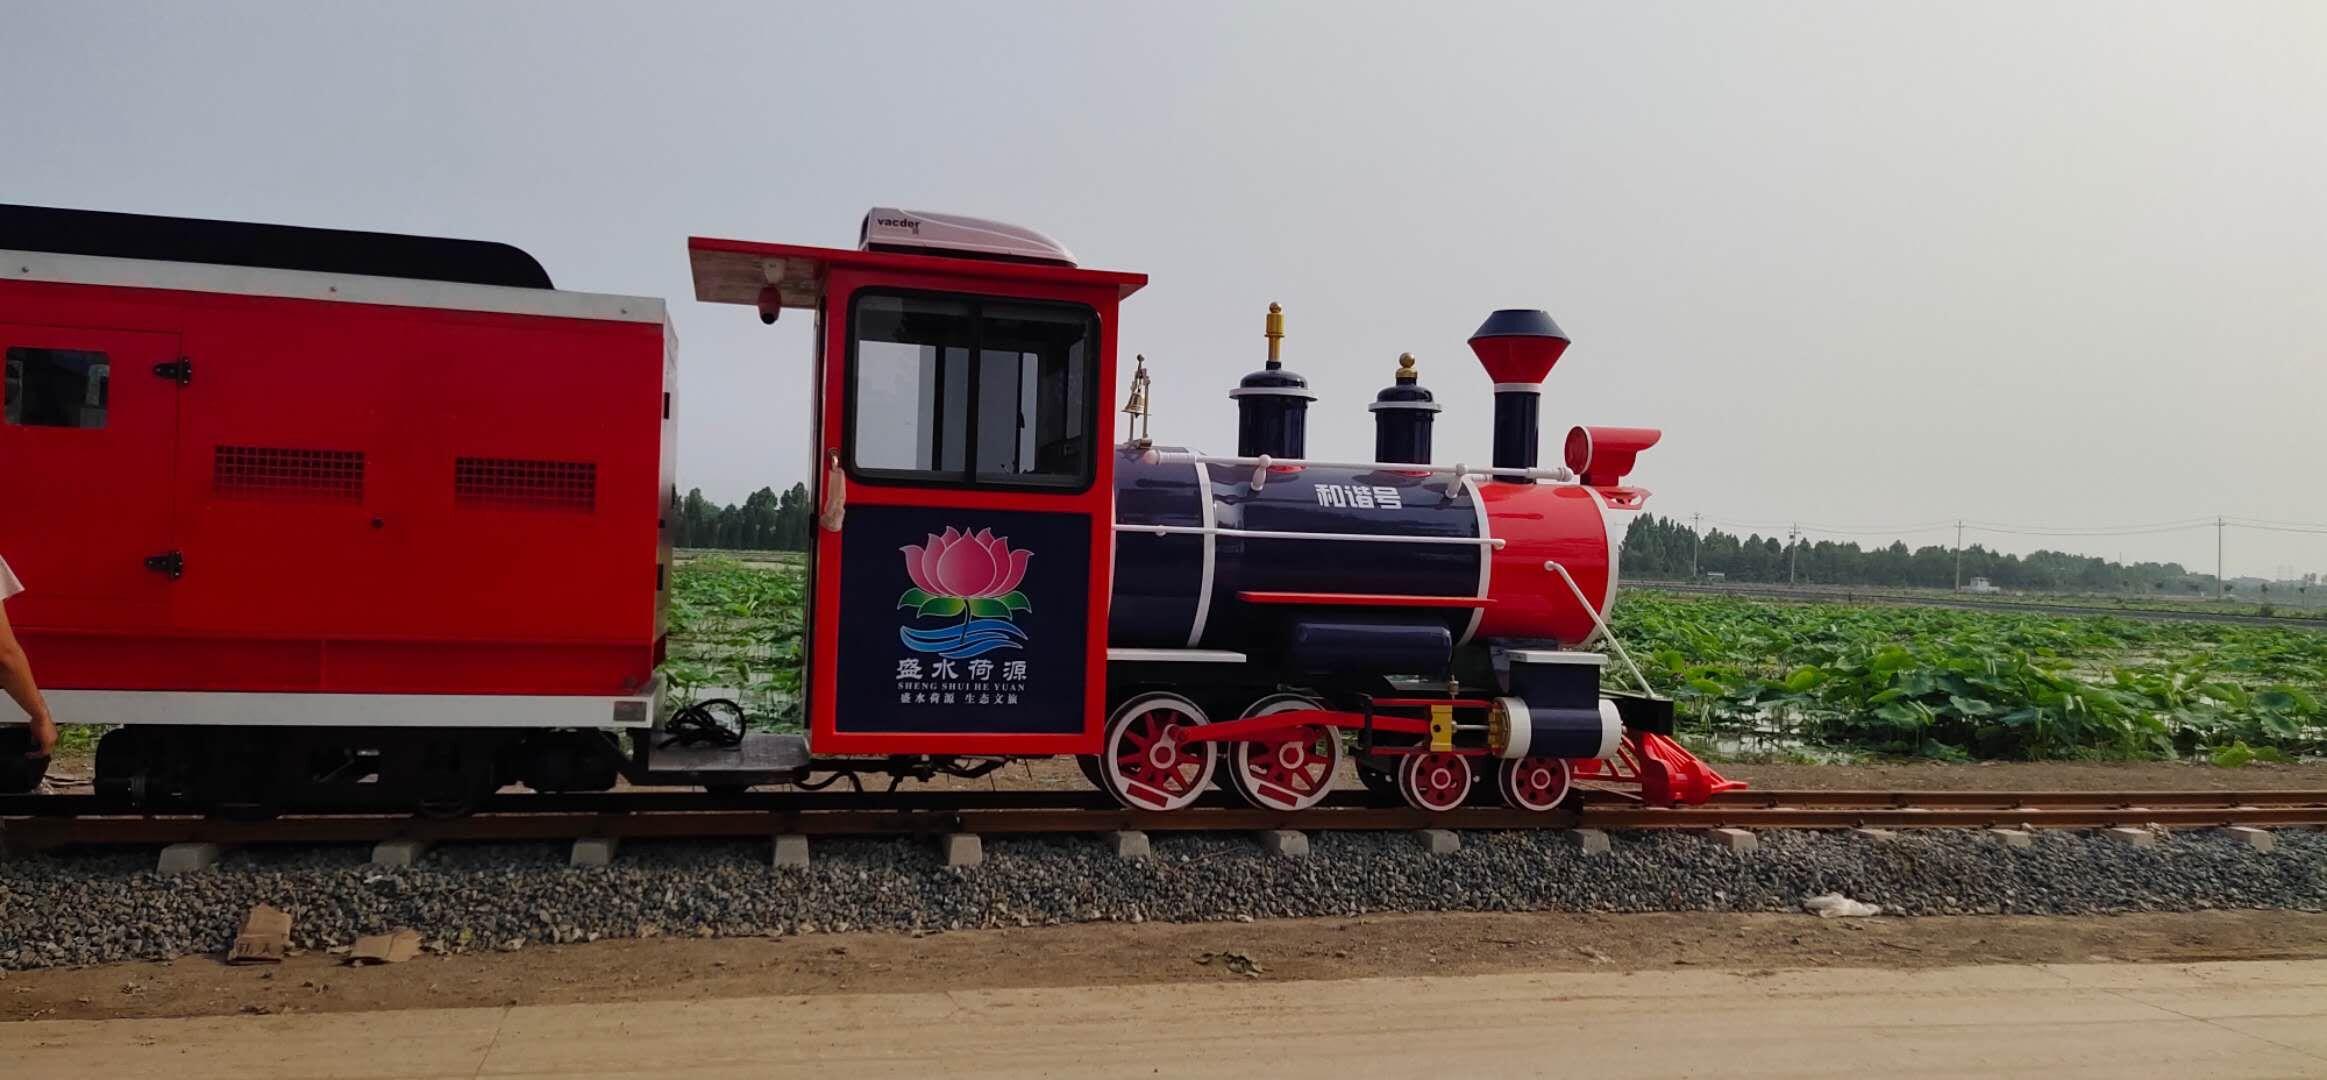 山东淄博盛水荷源 等你来打卡轨道网红小火车